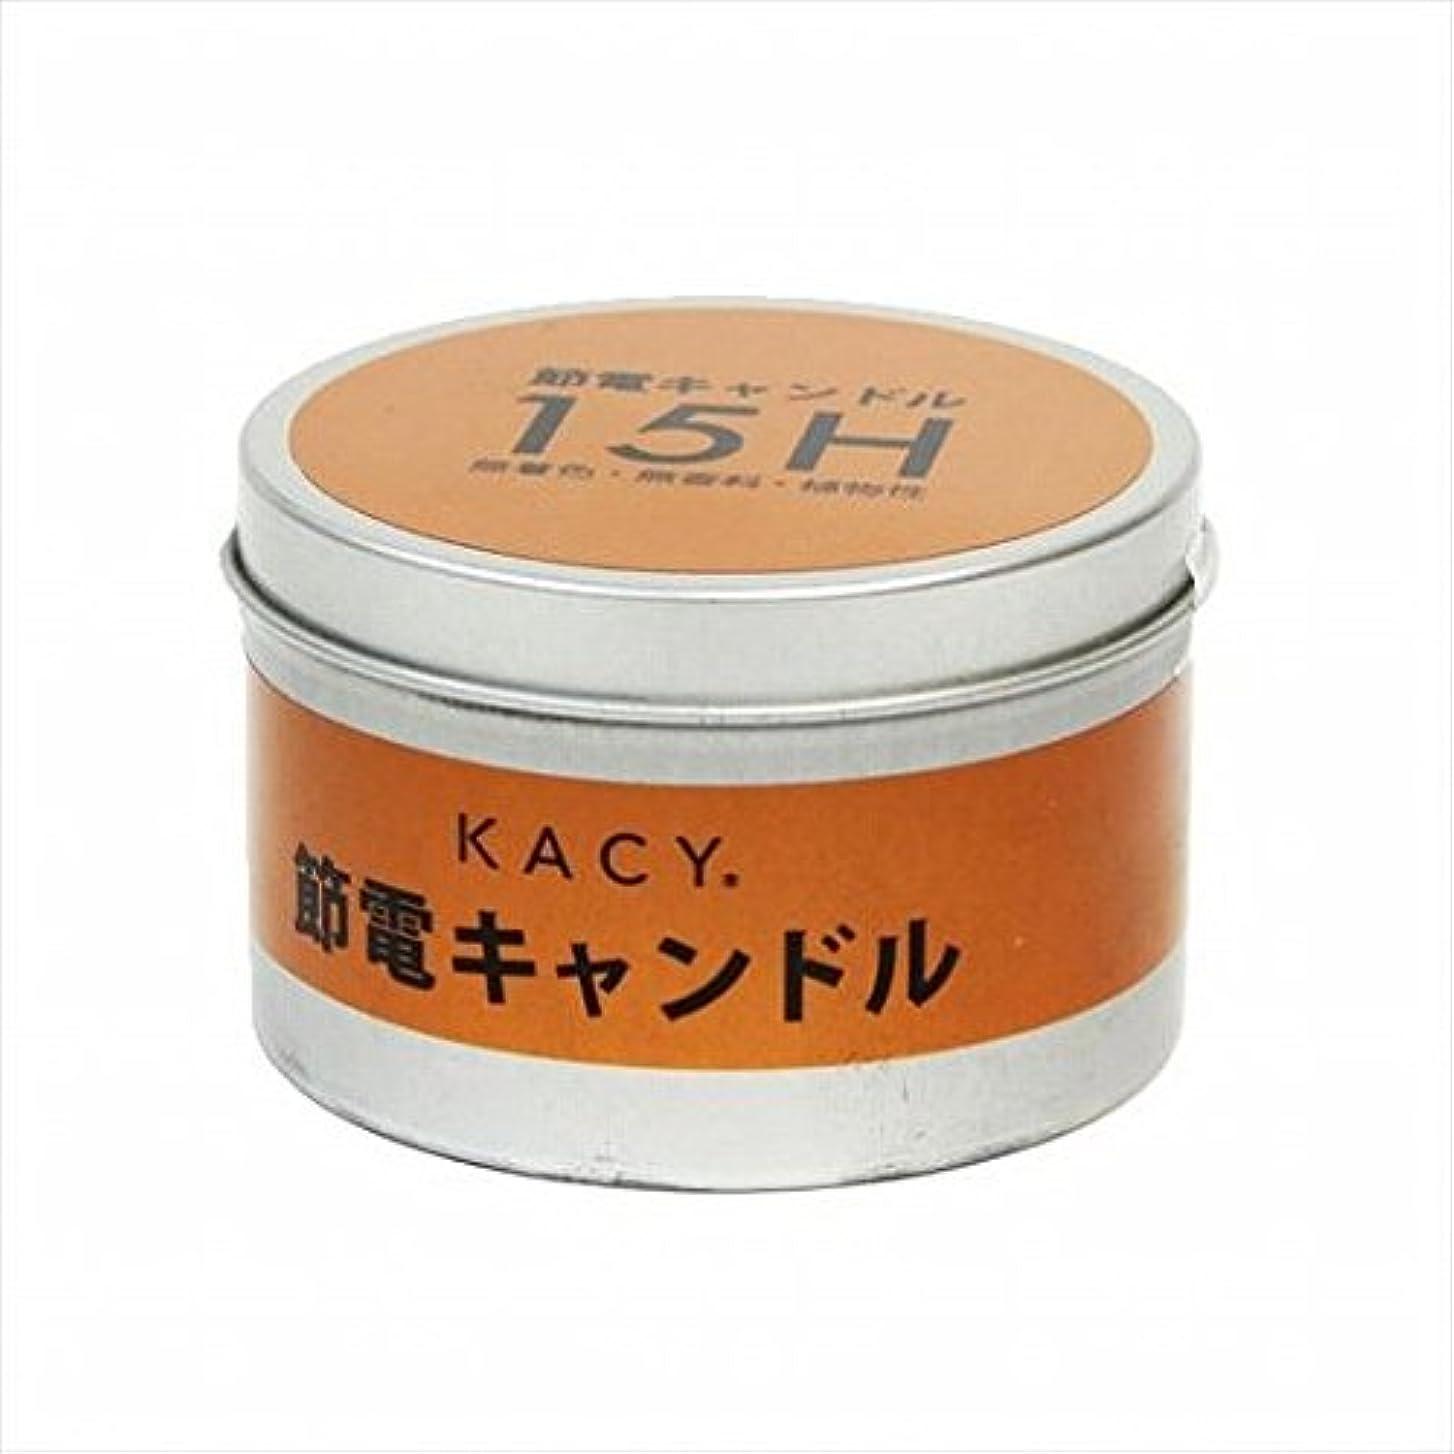 変化するブロー武器kameyama candle(カメヤマキャンドル) 節電缶キャンドル15時間タイプ キャンドル 80x80x48mm (A9620000)